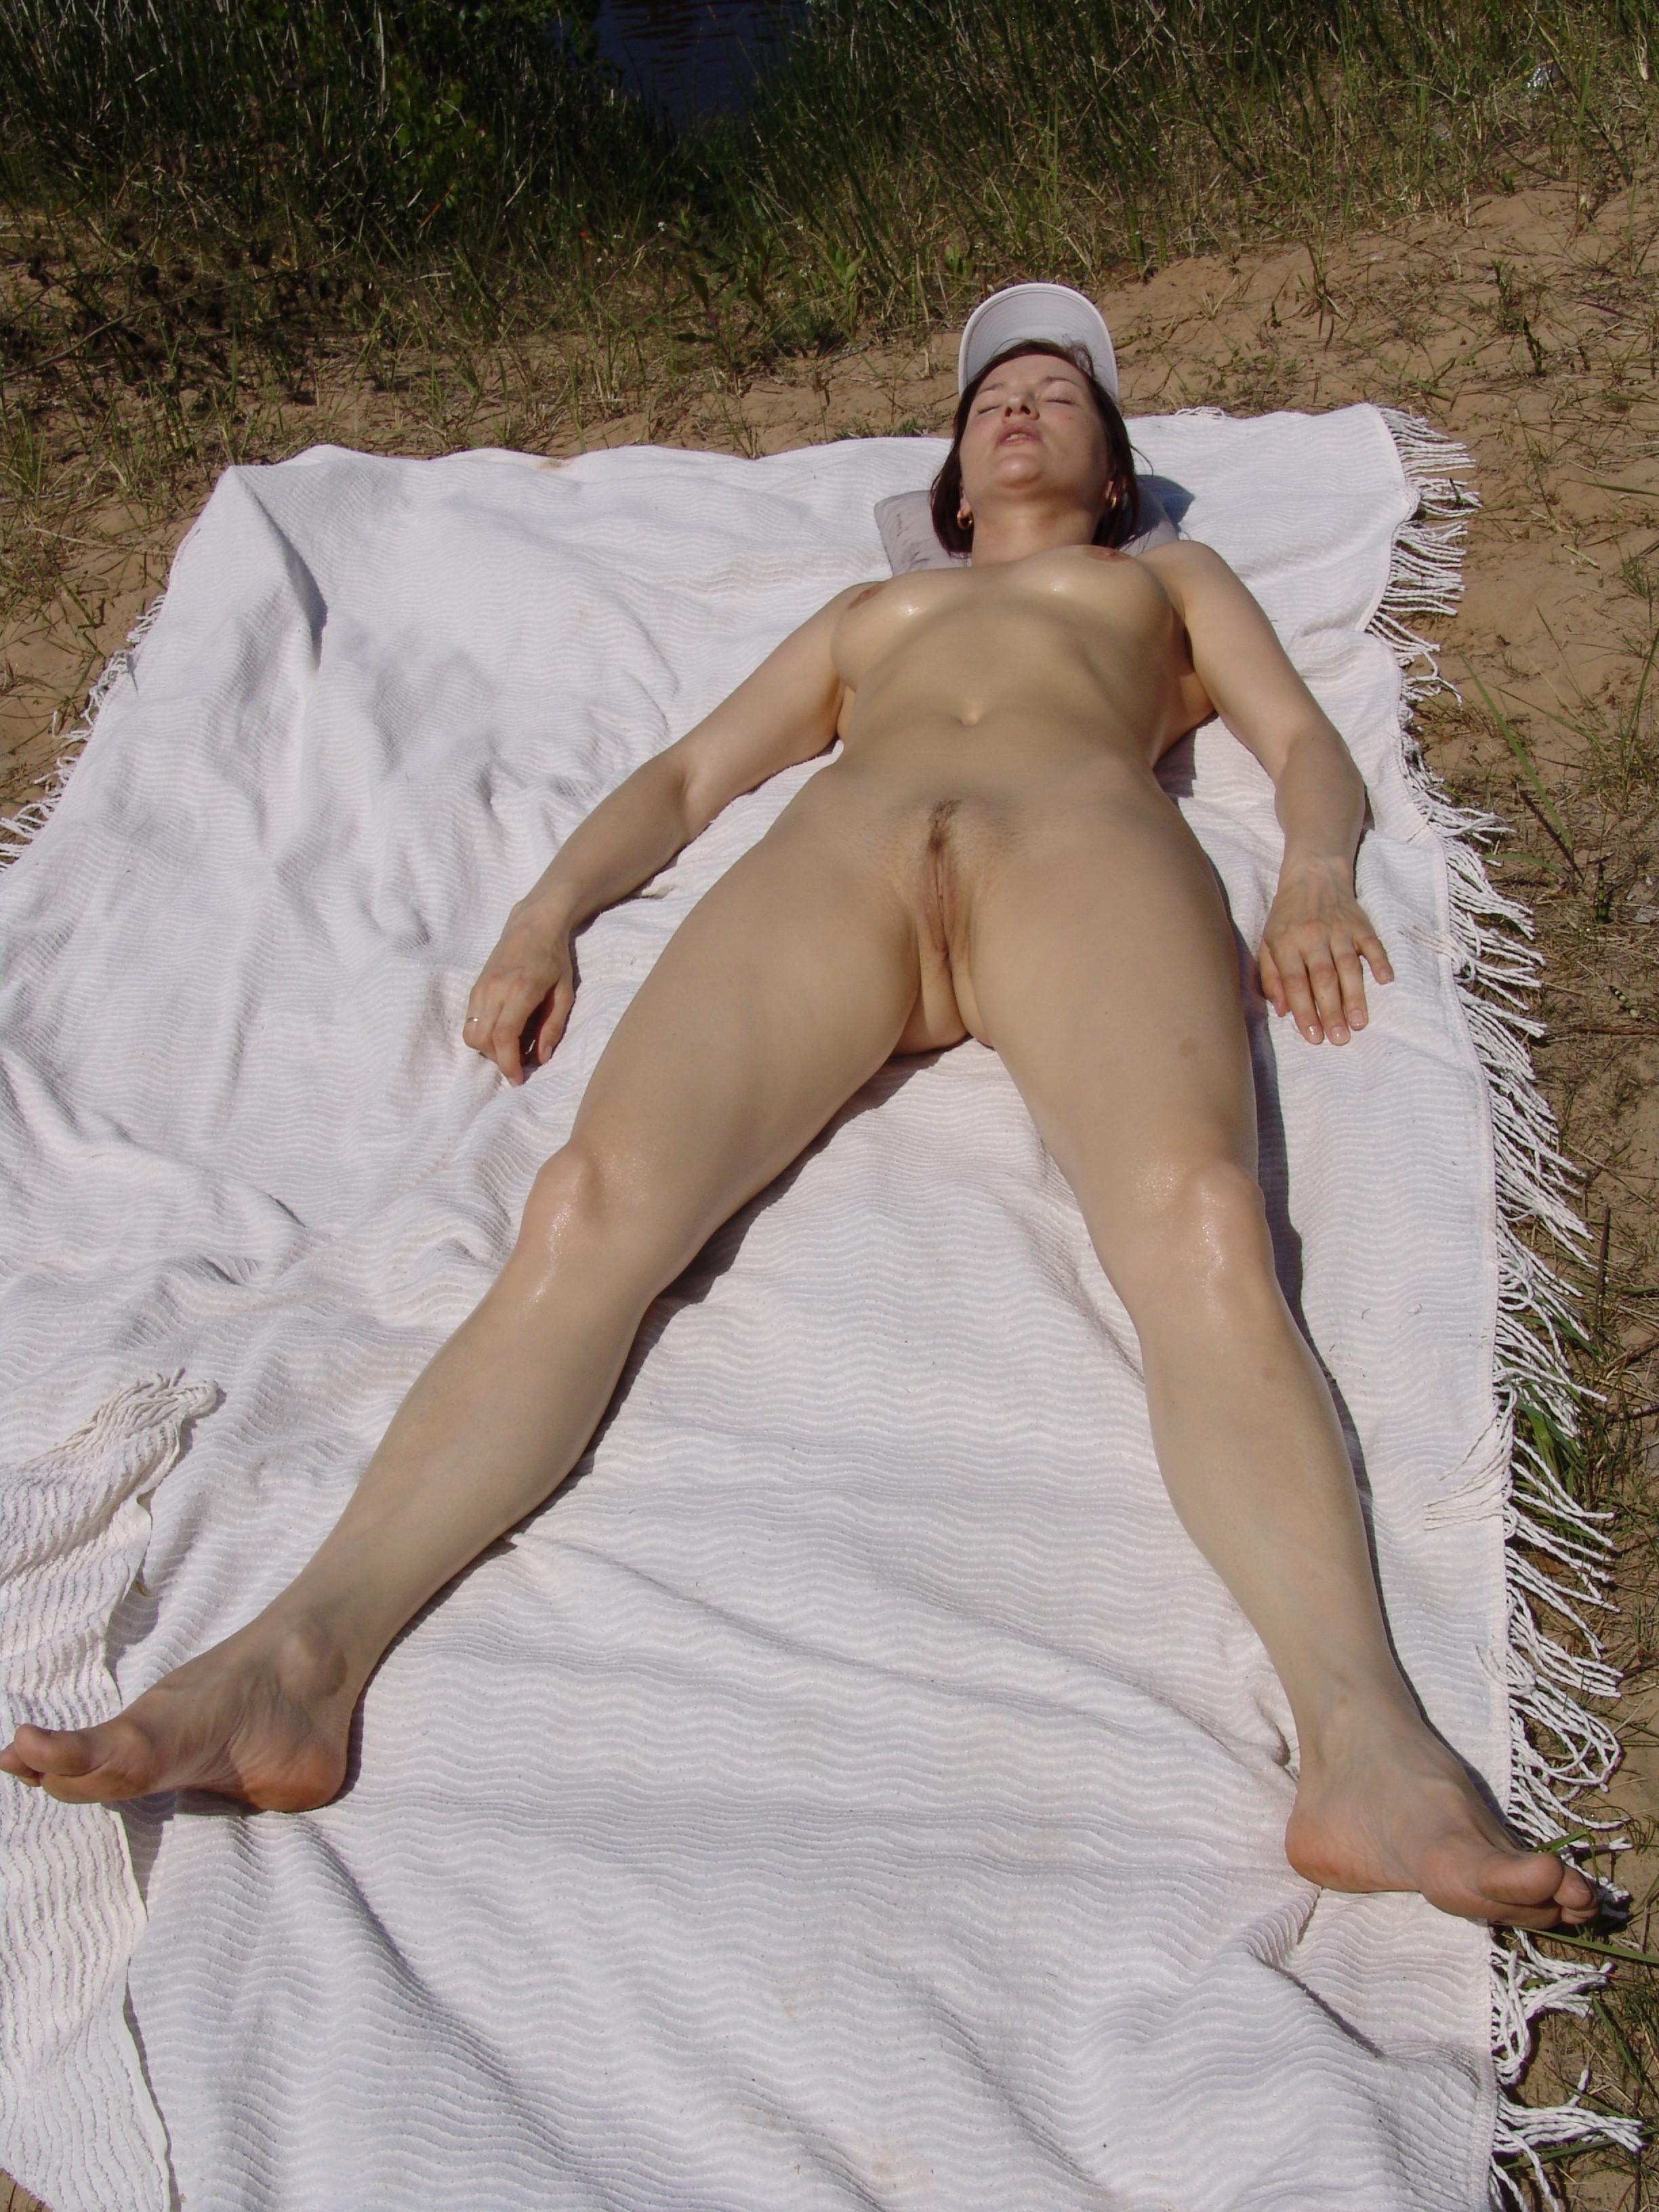 megan good nude xxx vids